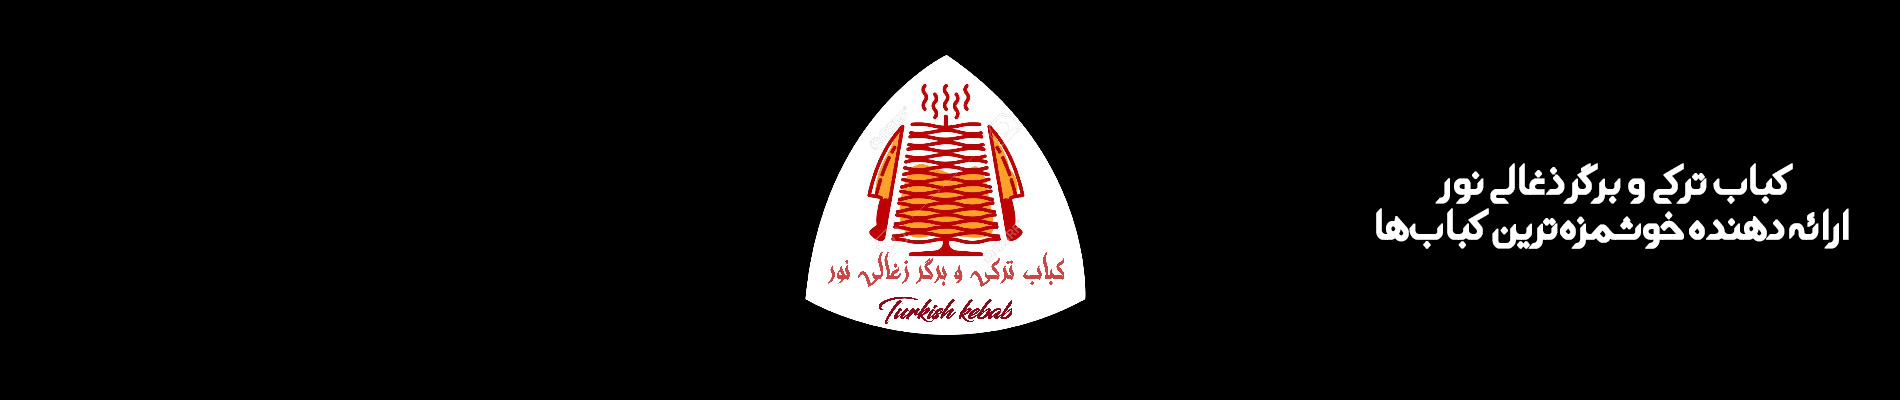 کباب ترکی و برگر ذغالی نور